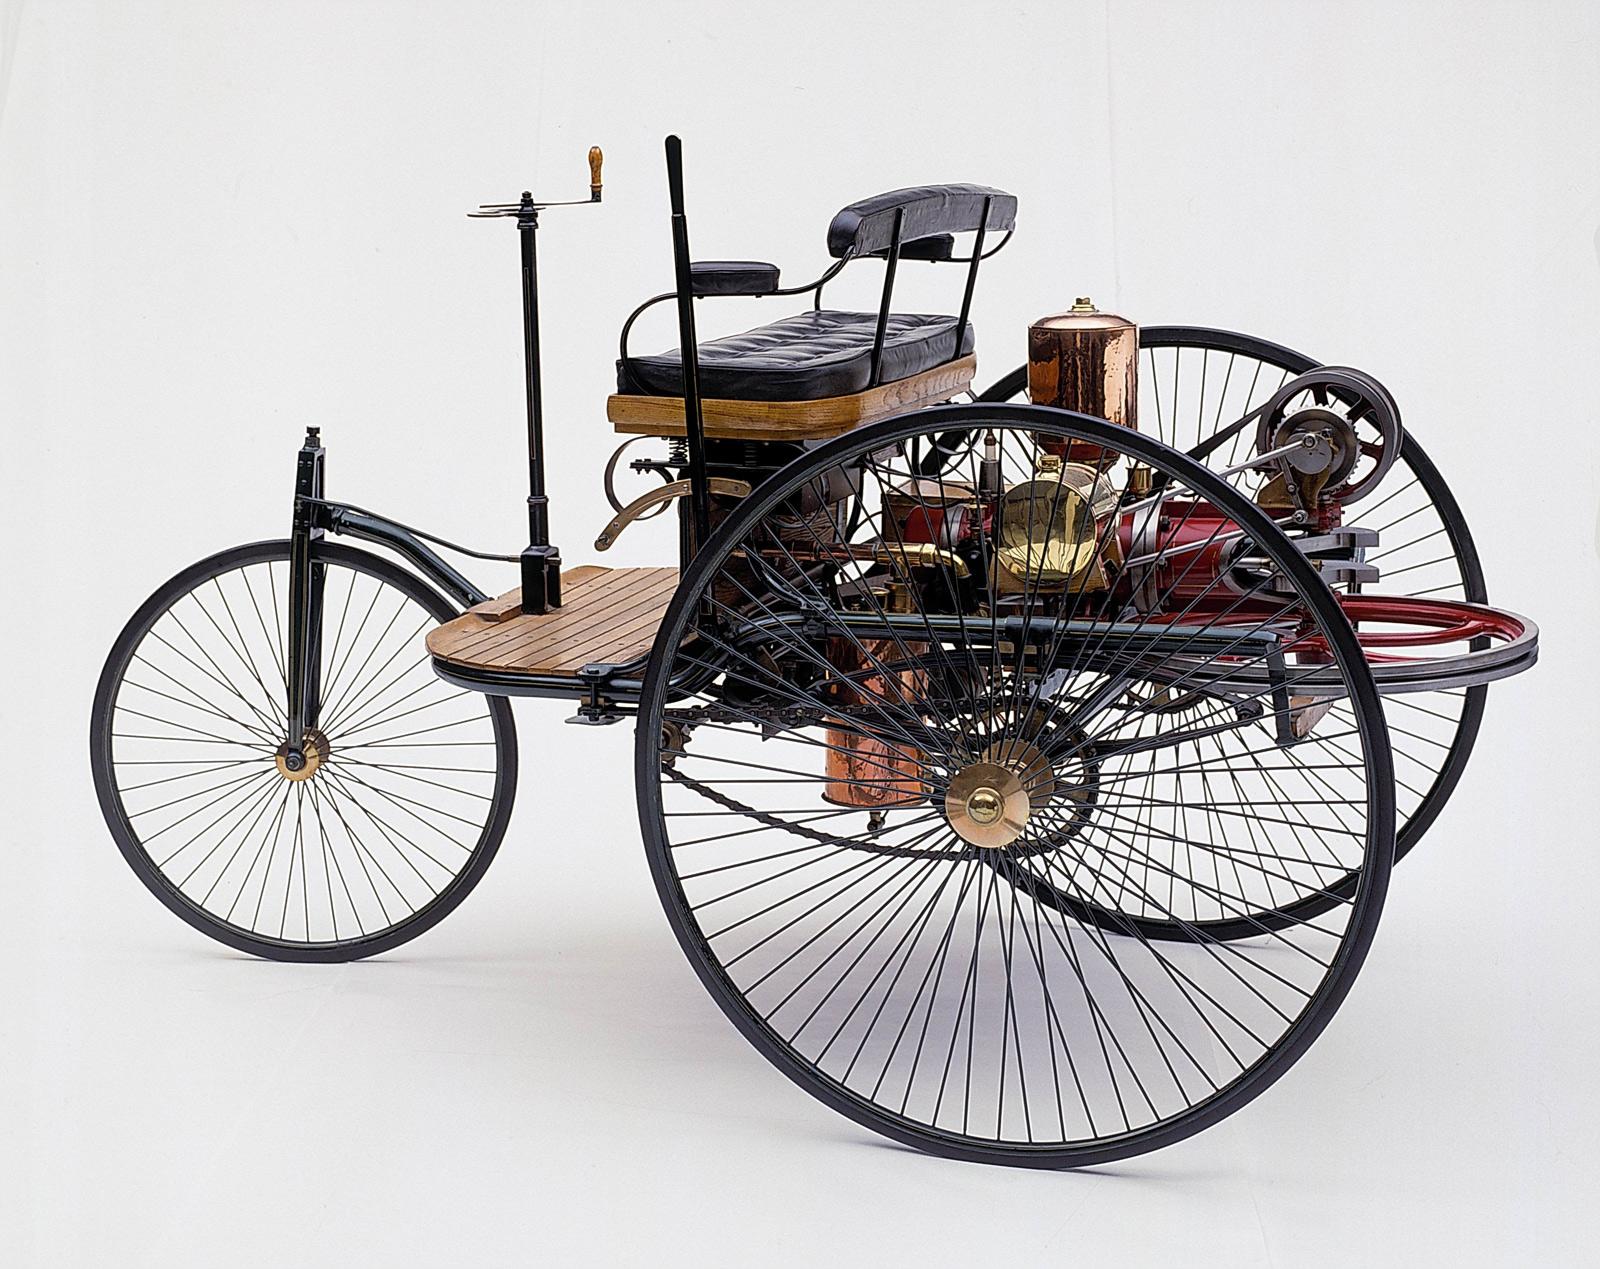 Benz_Patent_Motorwagen__3-1